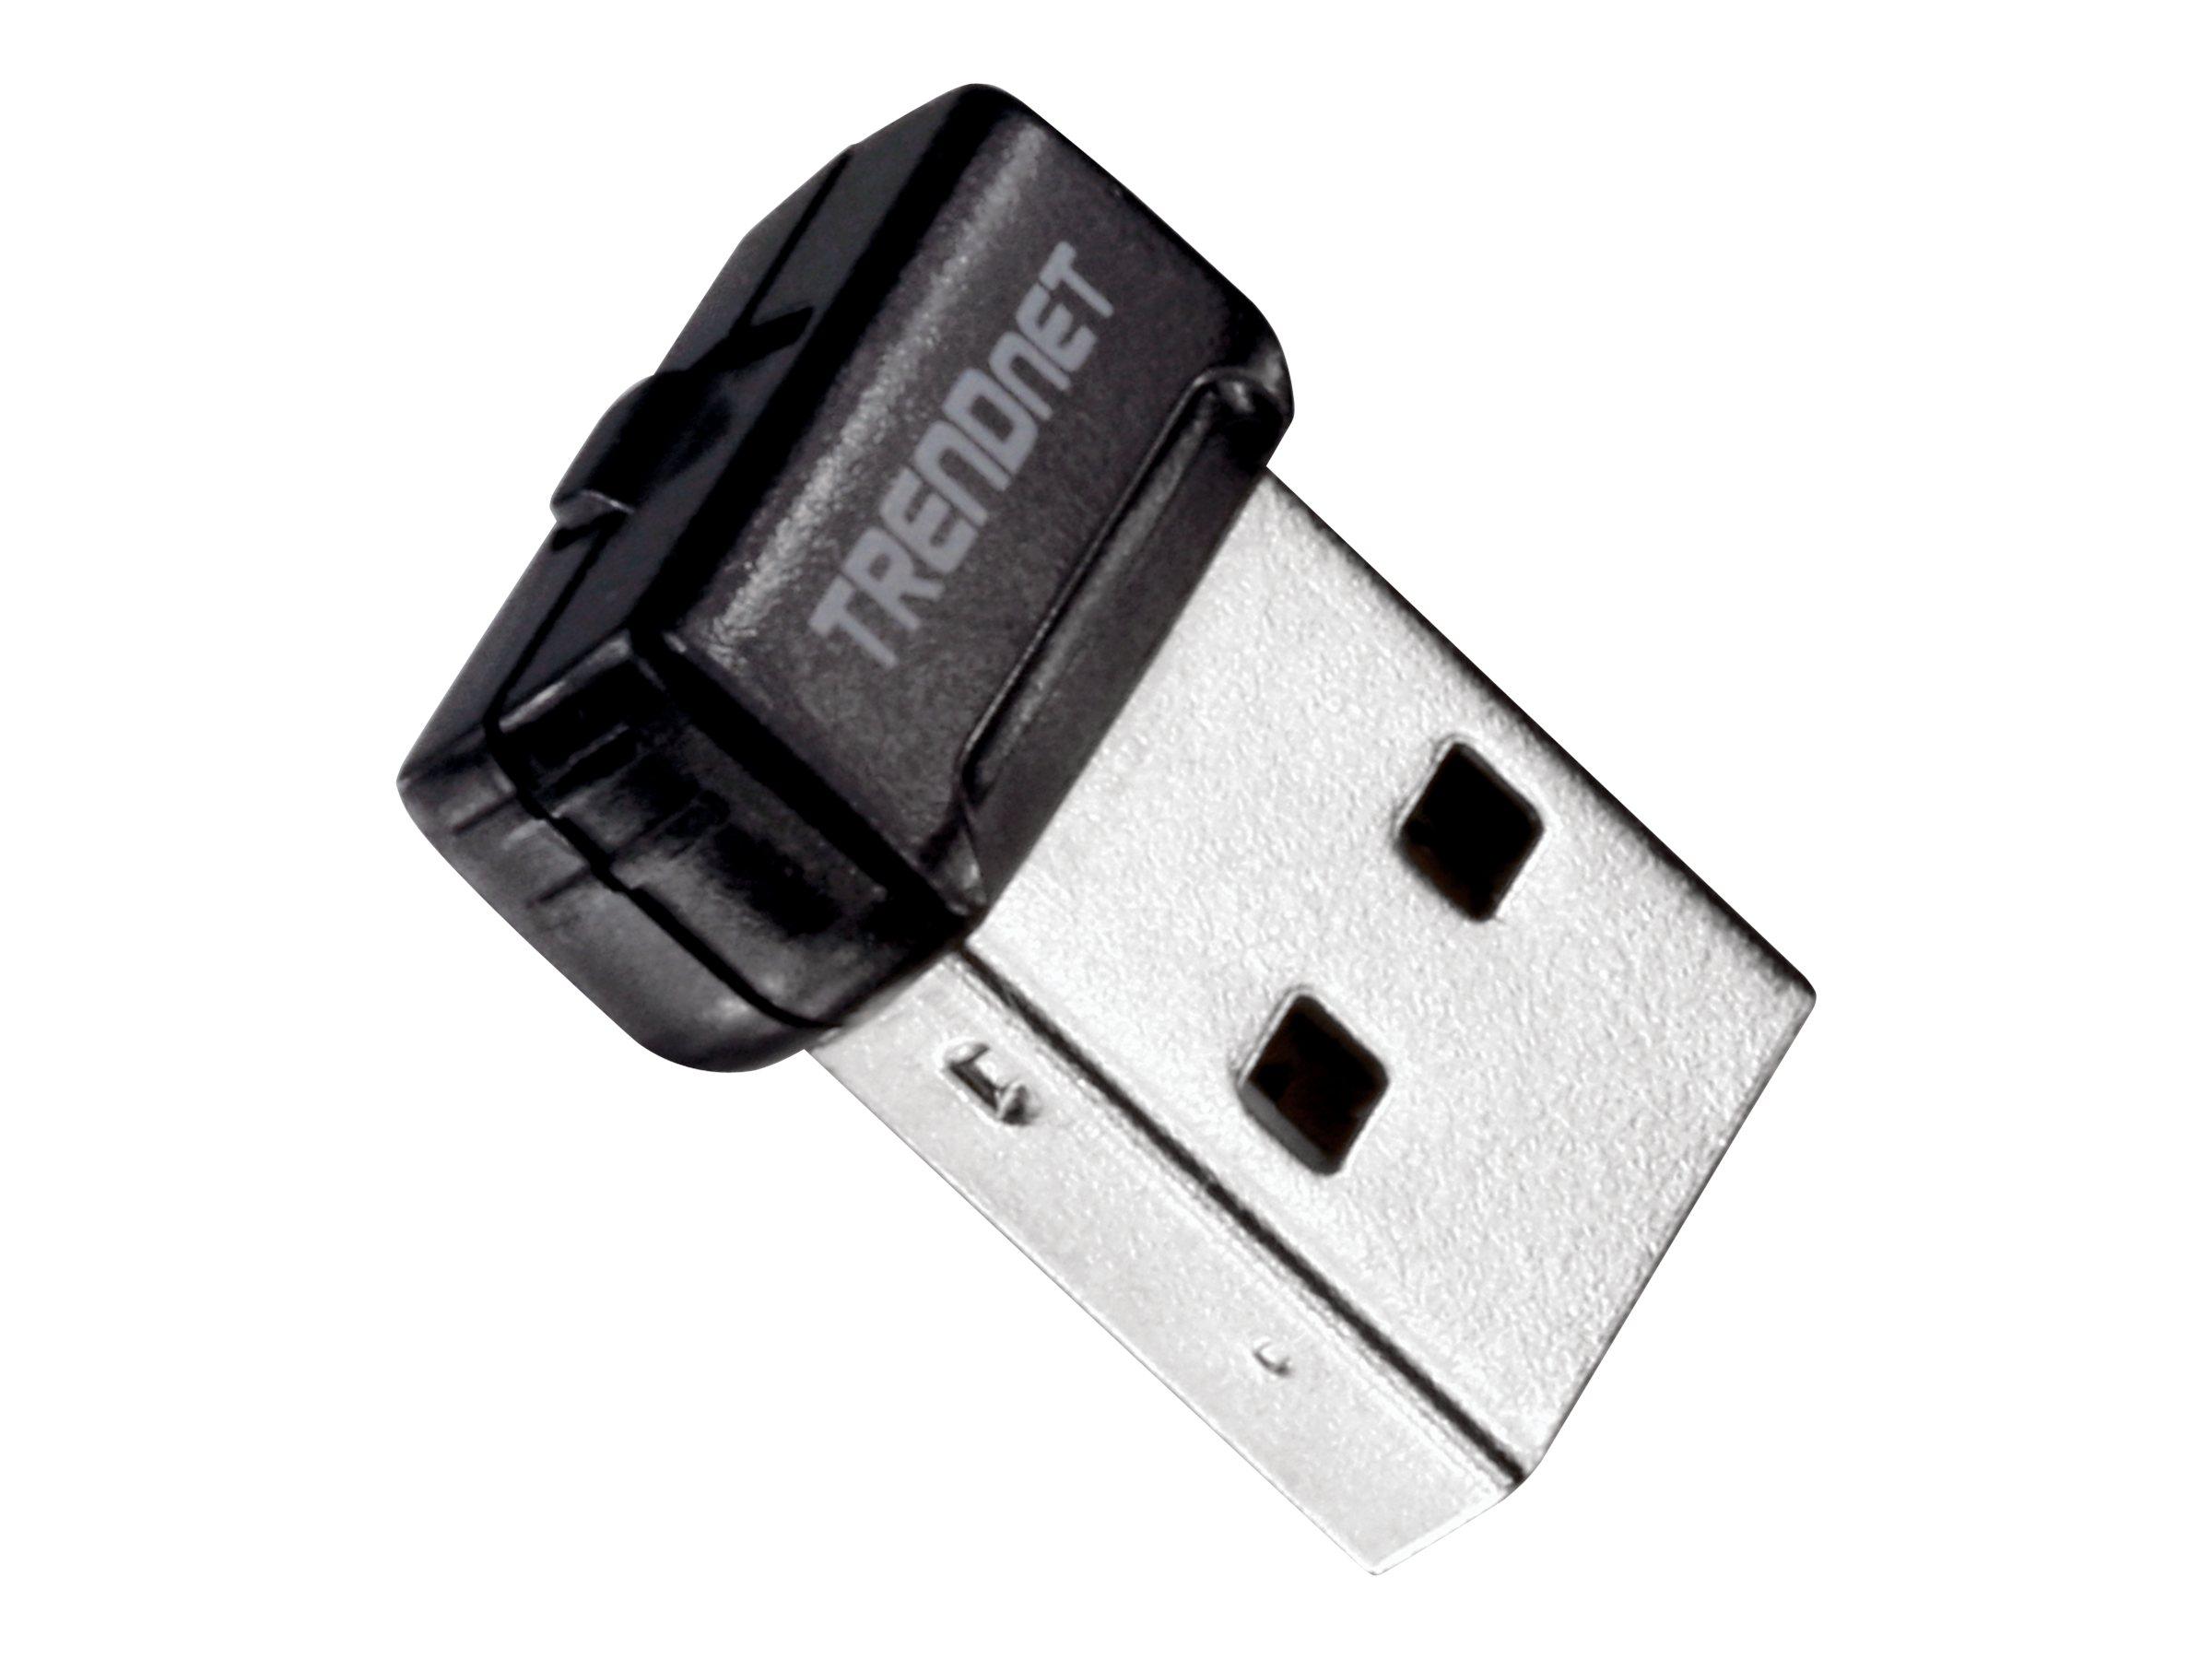 TRENDnet TEW-648UBM - Netzwerkadapter - USB 2.0